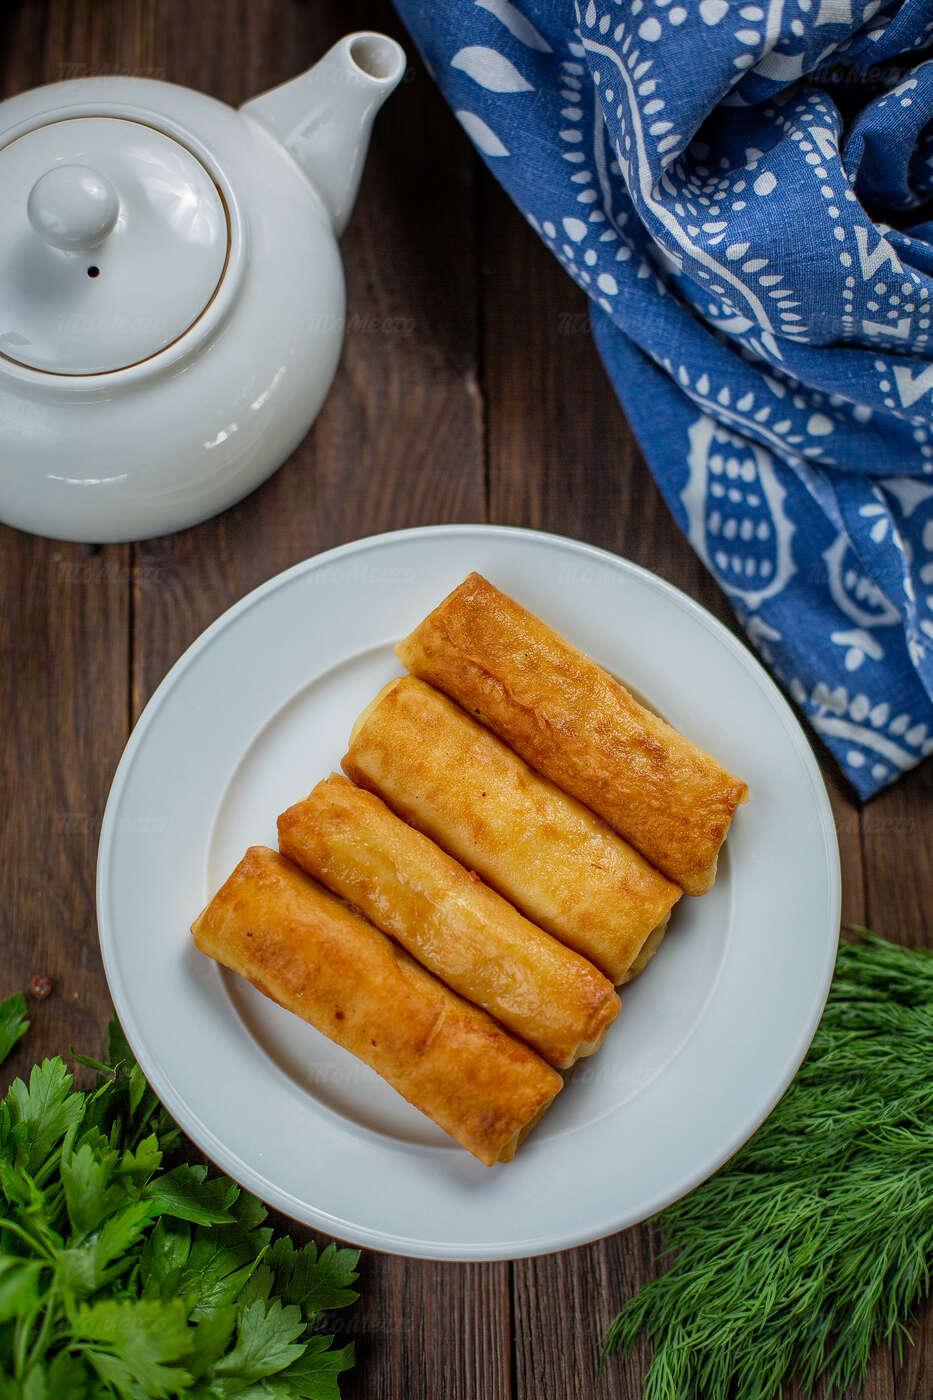 Меню кафе Хинкали & Хачапури на Ленина фото 8